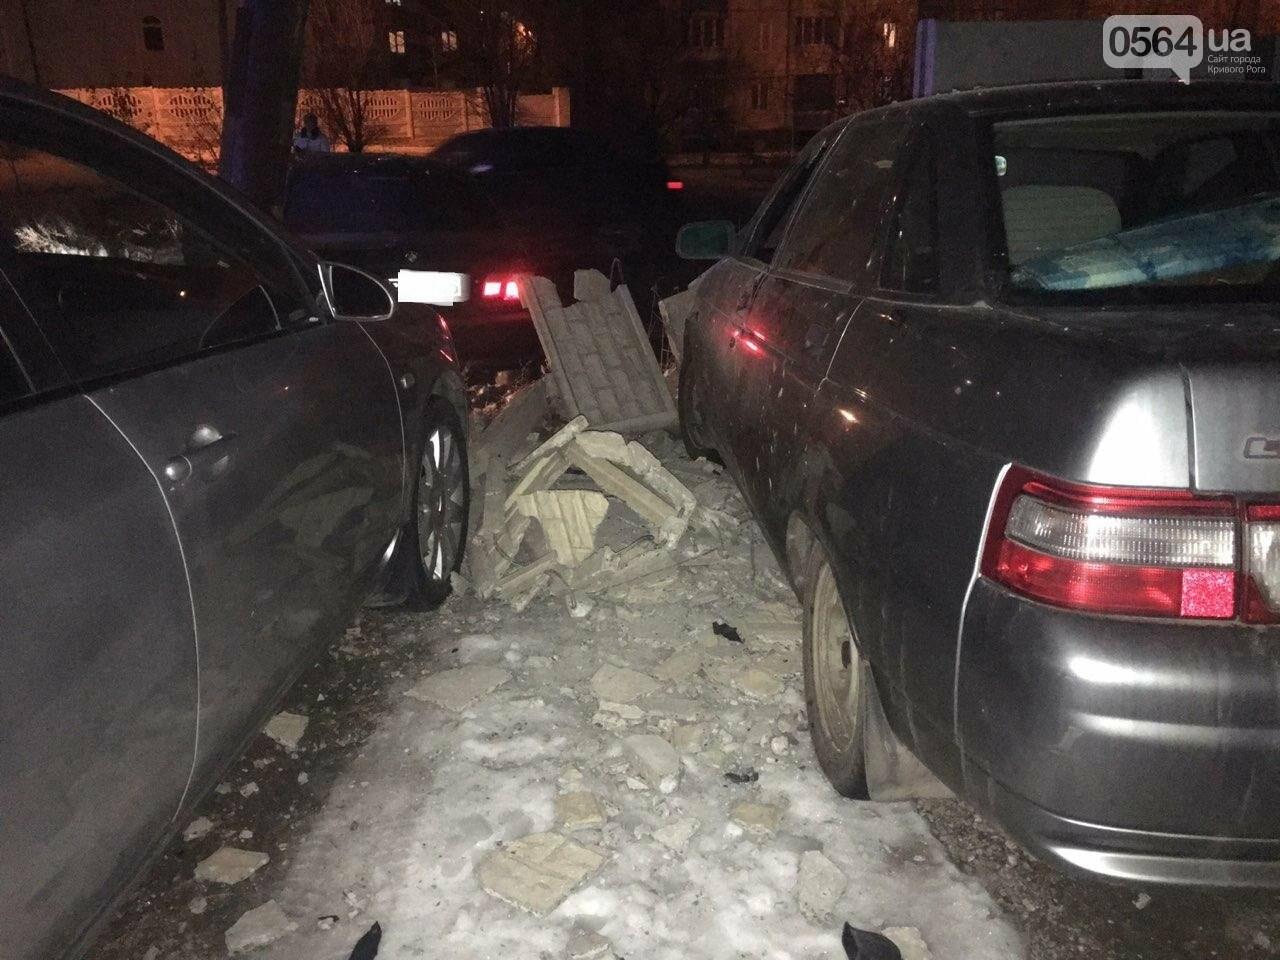 """В Кривом Роге """"BMW"""" снес забор стоянки: повреждено около 10 машин, есть пострадавший, - ФОТО , фото-3"""